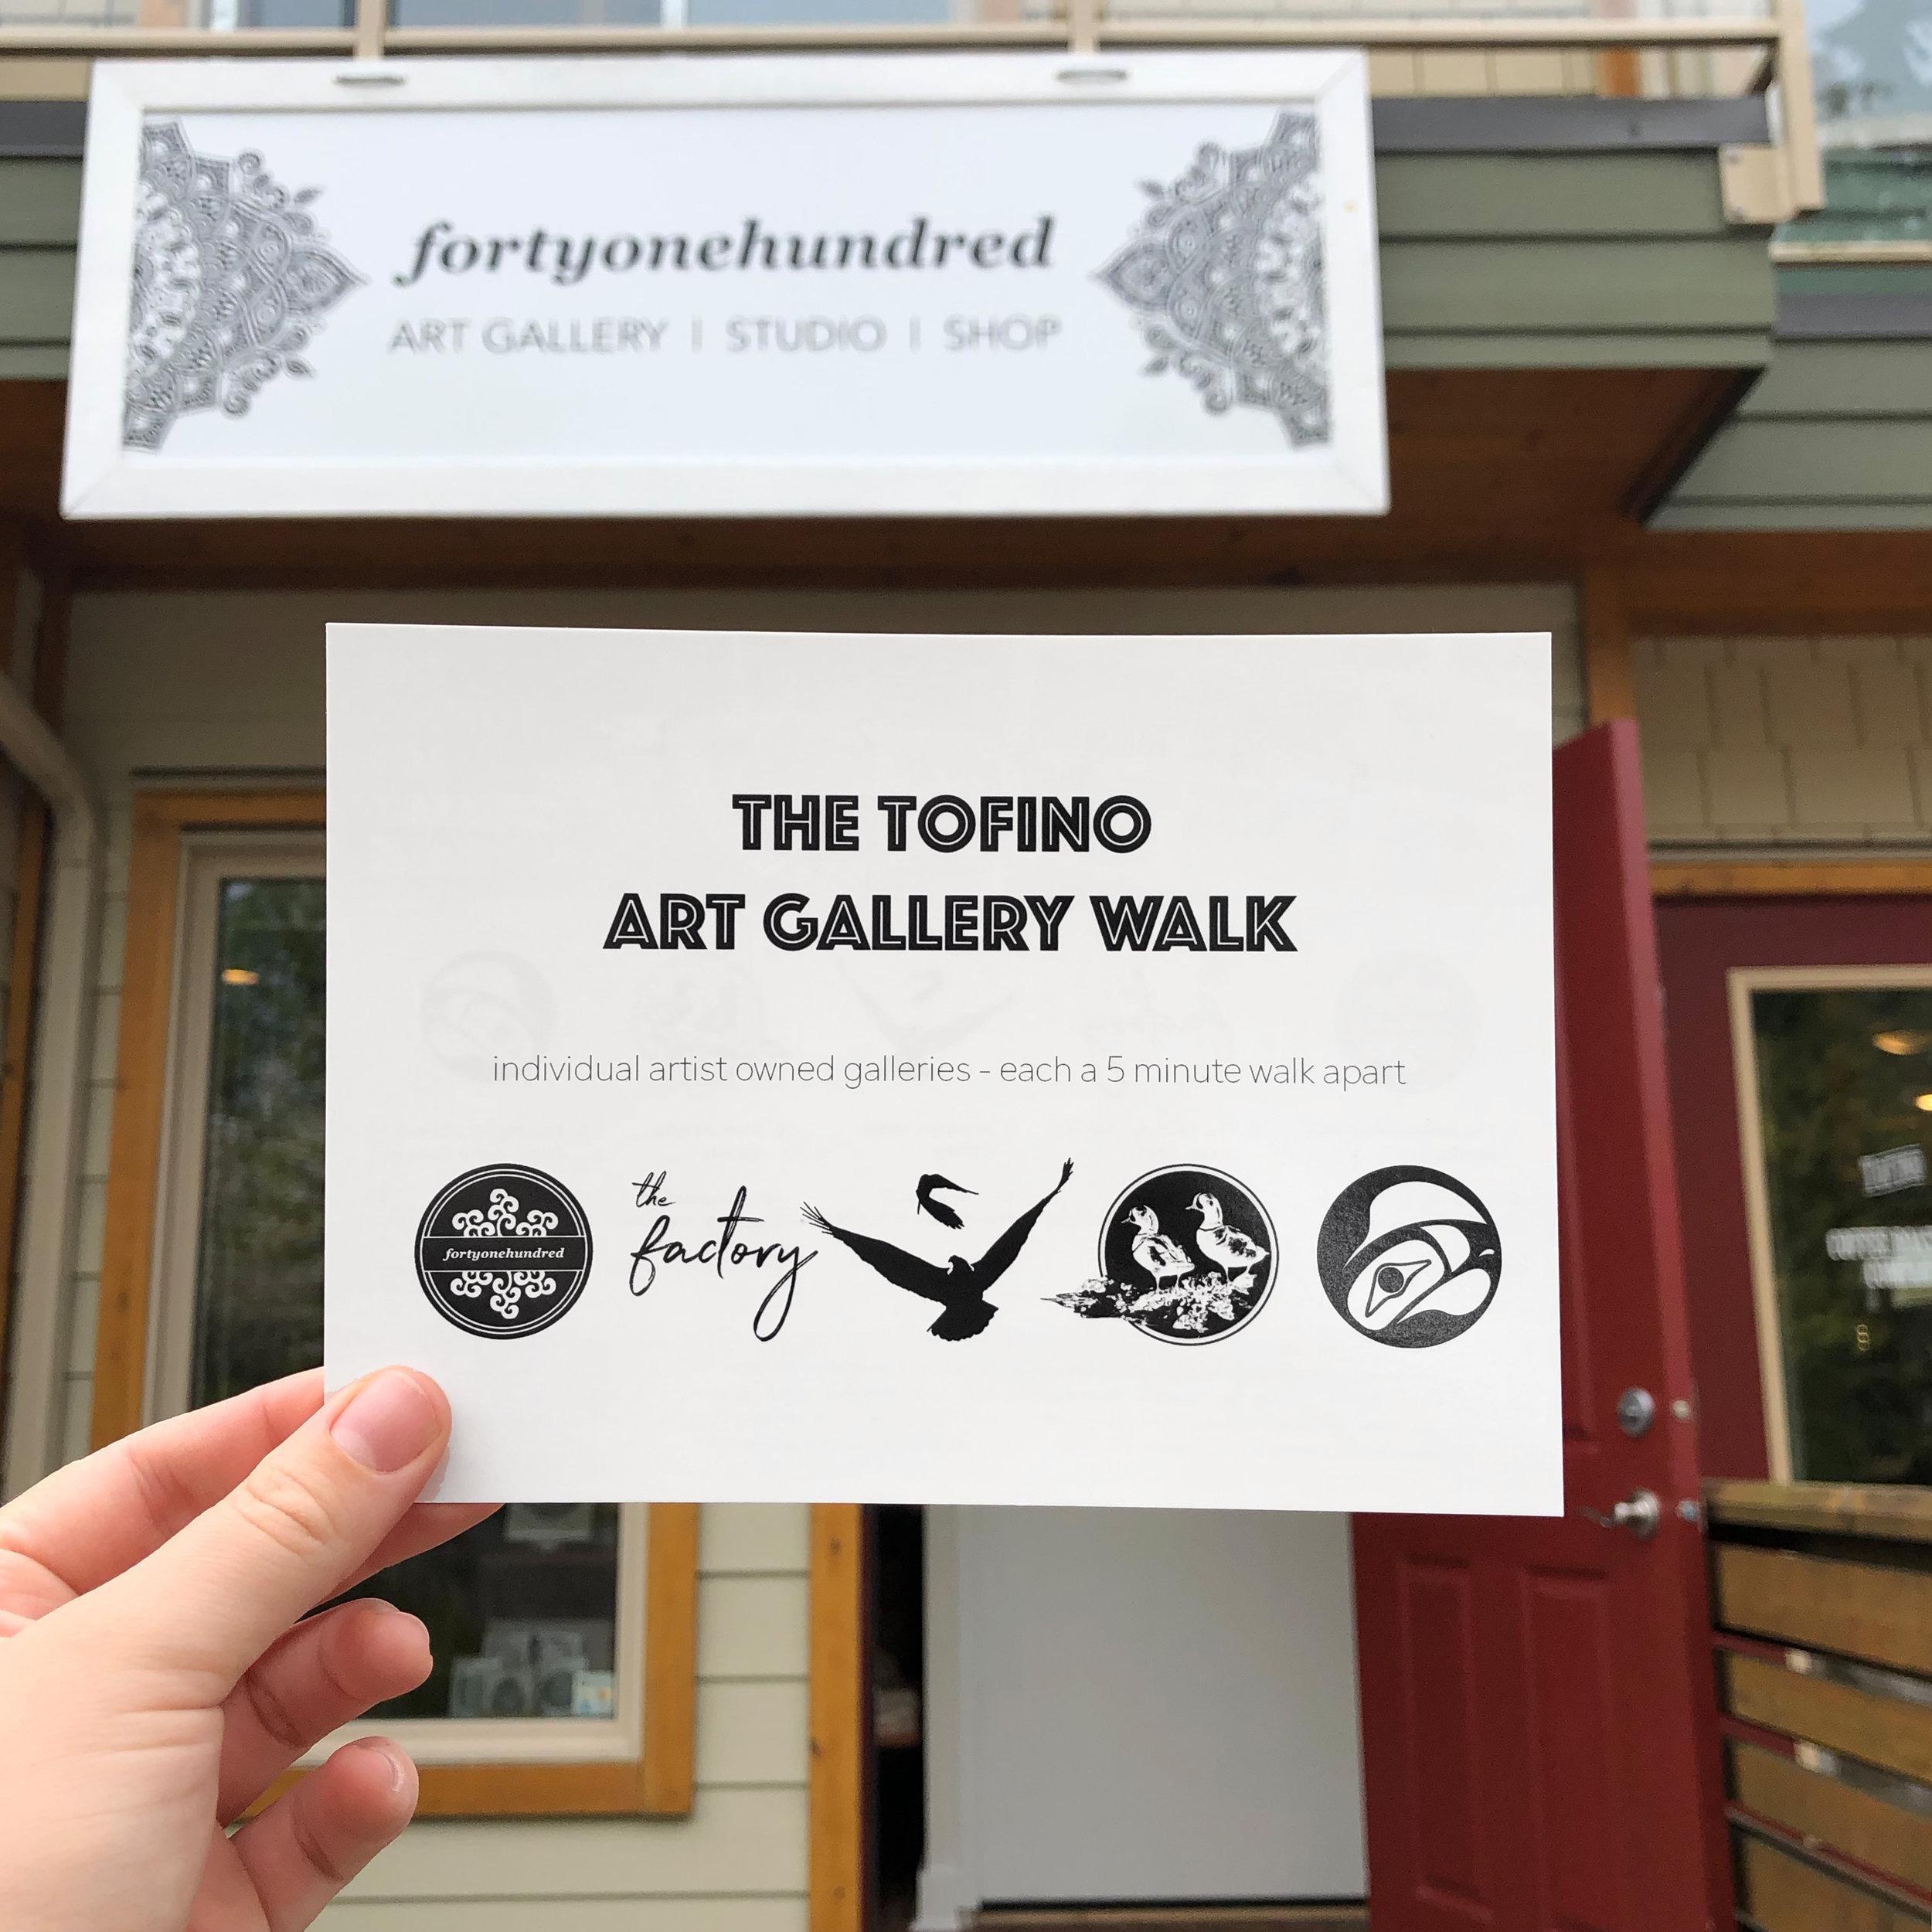 2. The Tofino Art Gallery Walk.jpg